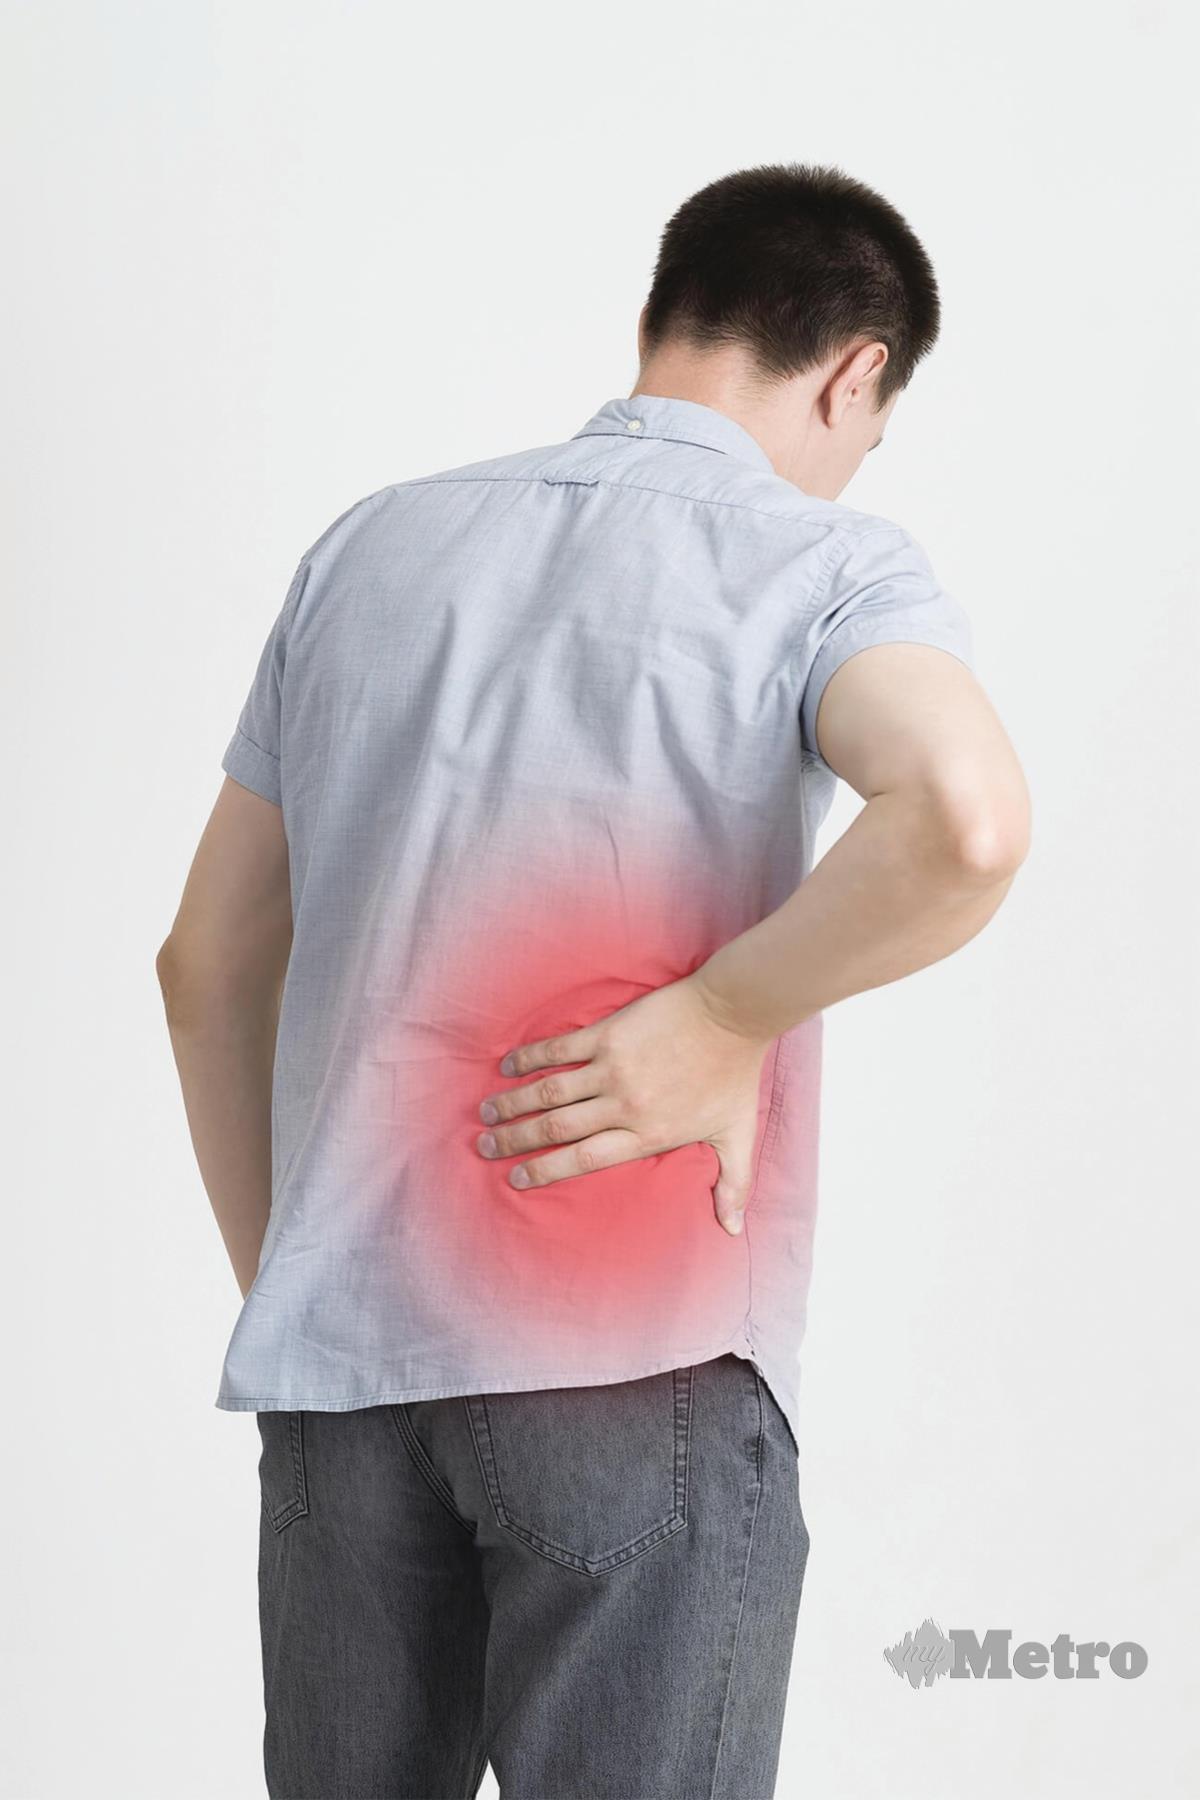 BATU karang boleh menyebabkan kesakitan teruk di belakang pinggang.